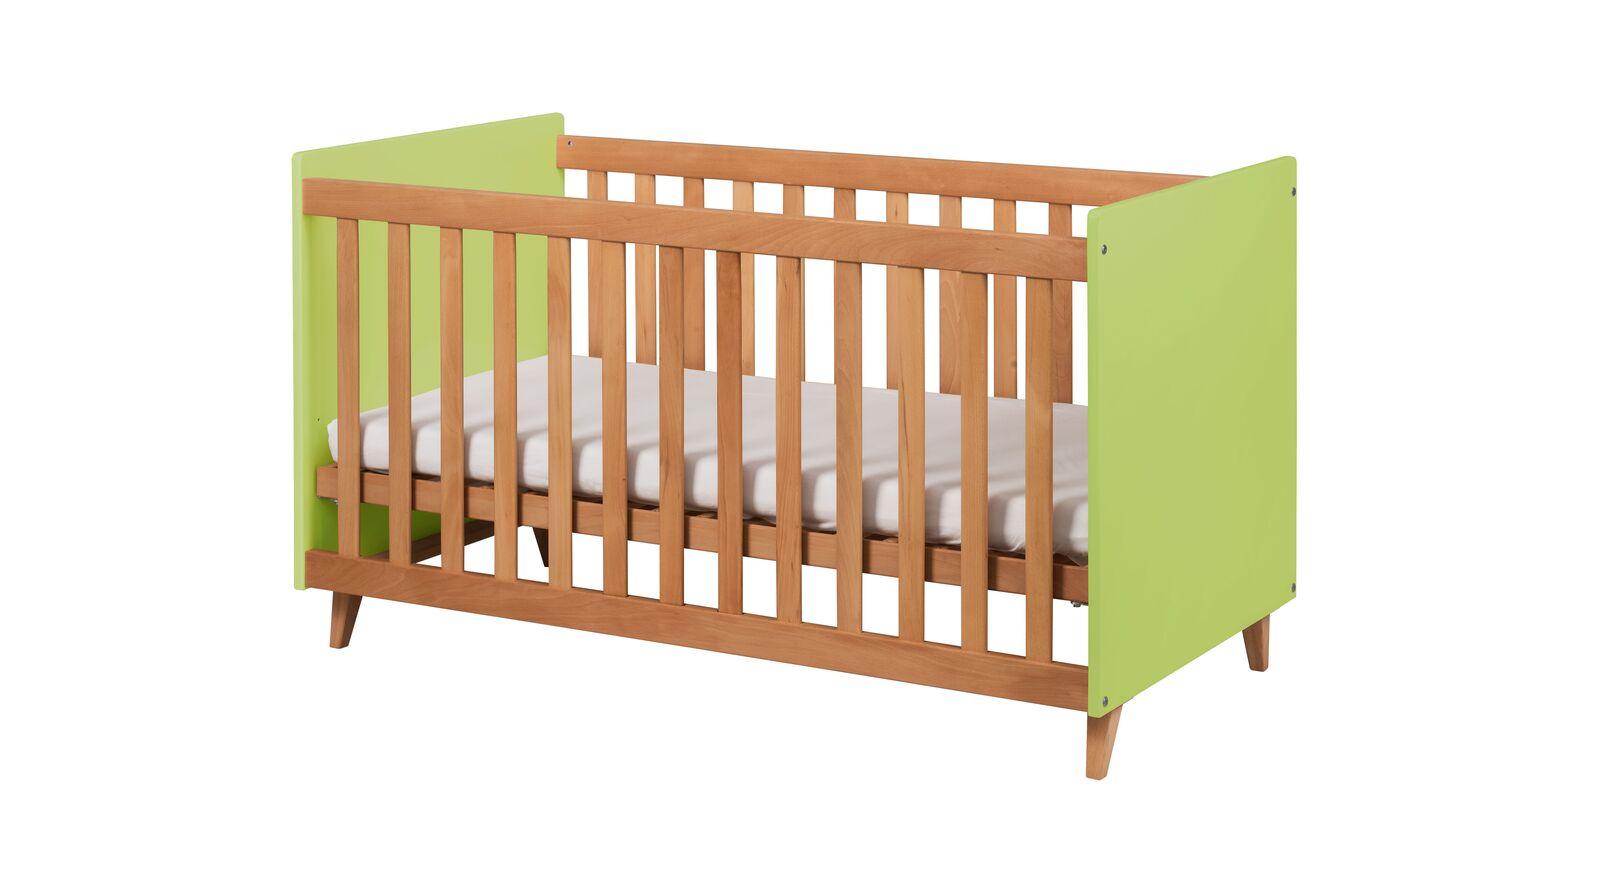 Babybett Kids Nordic mit grüner Dekor-Oberfläche